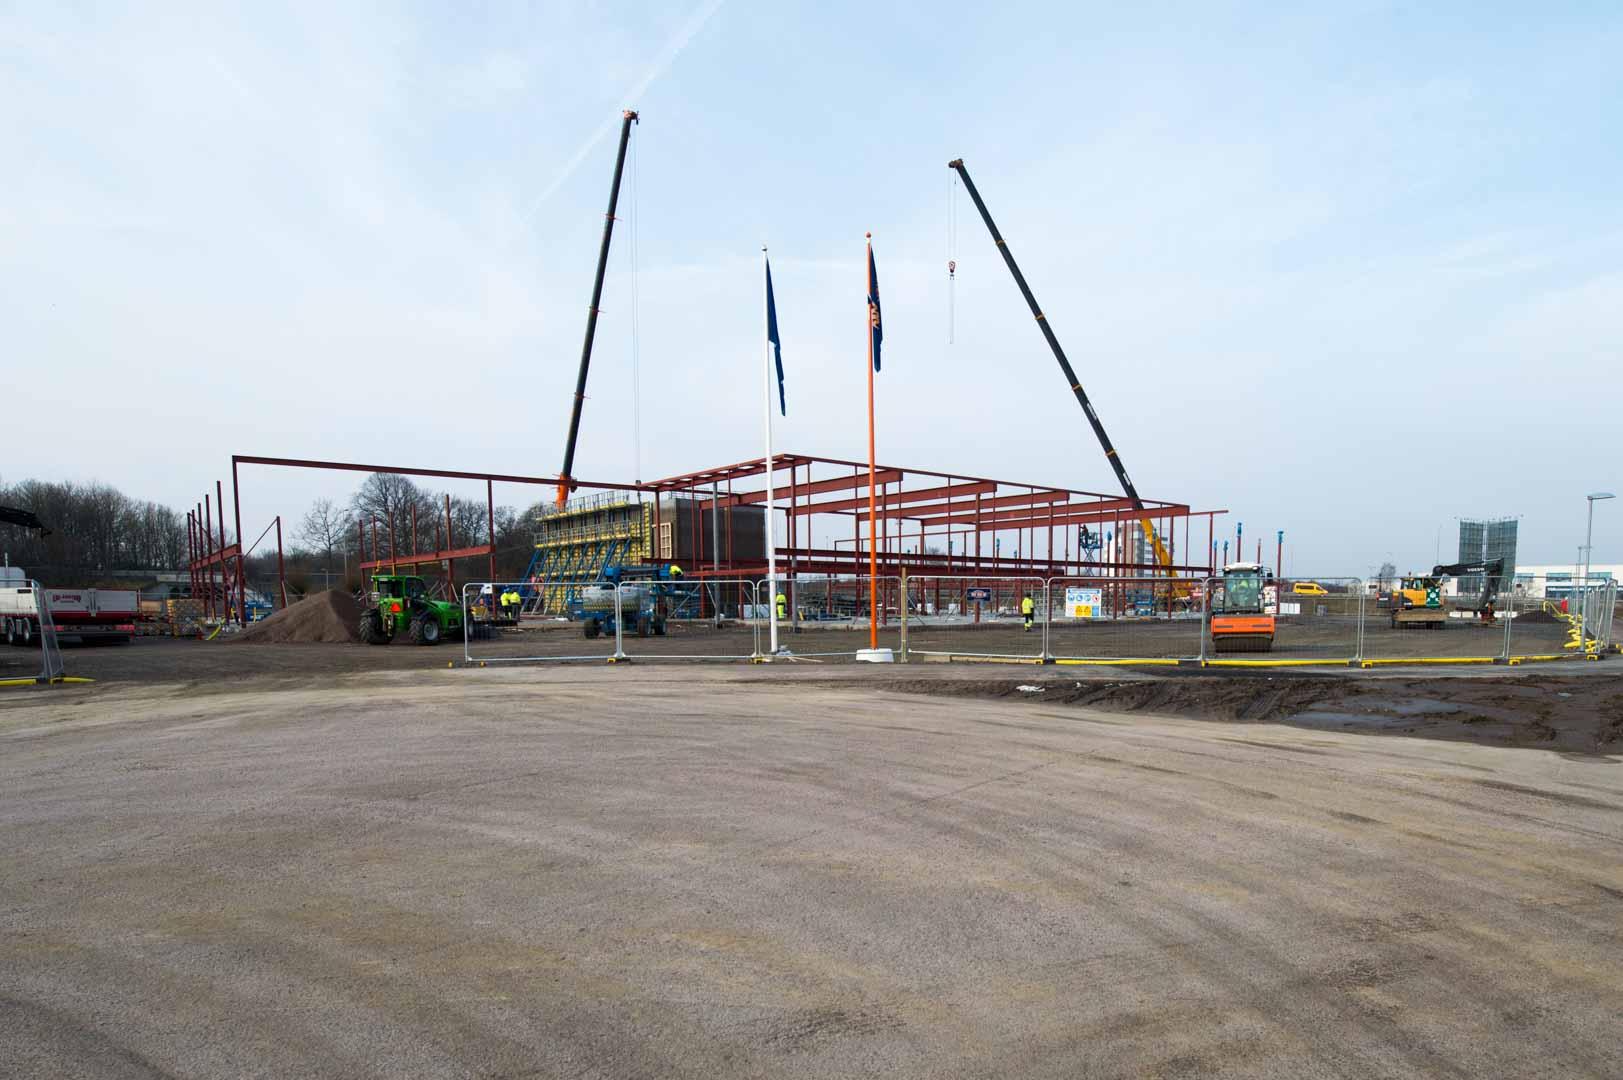 Byggplatsen för porschecenter i Helsingborg där Bjäre Entreprenad gör grundläggning och finplanering